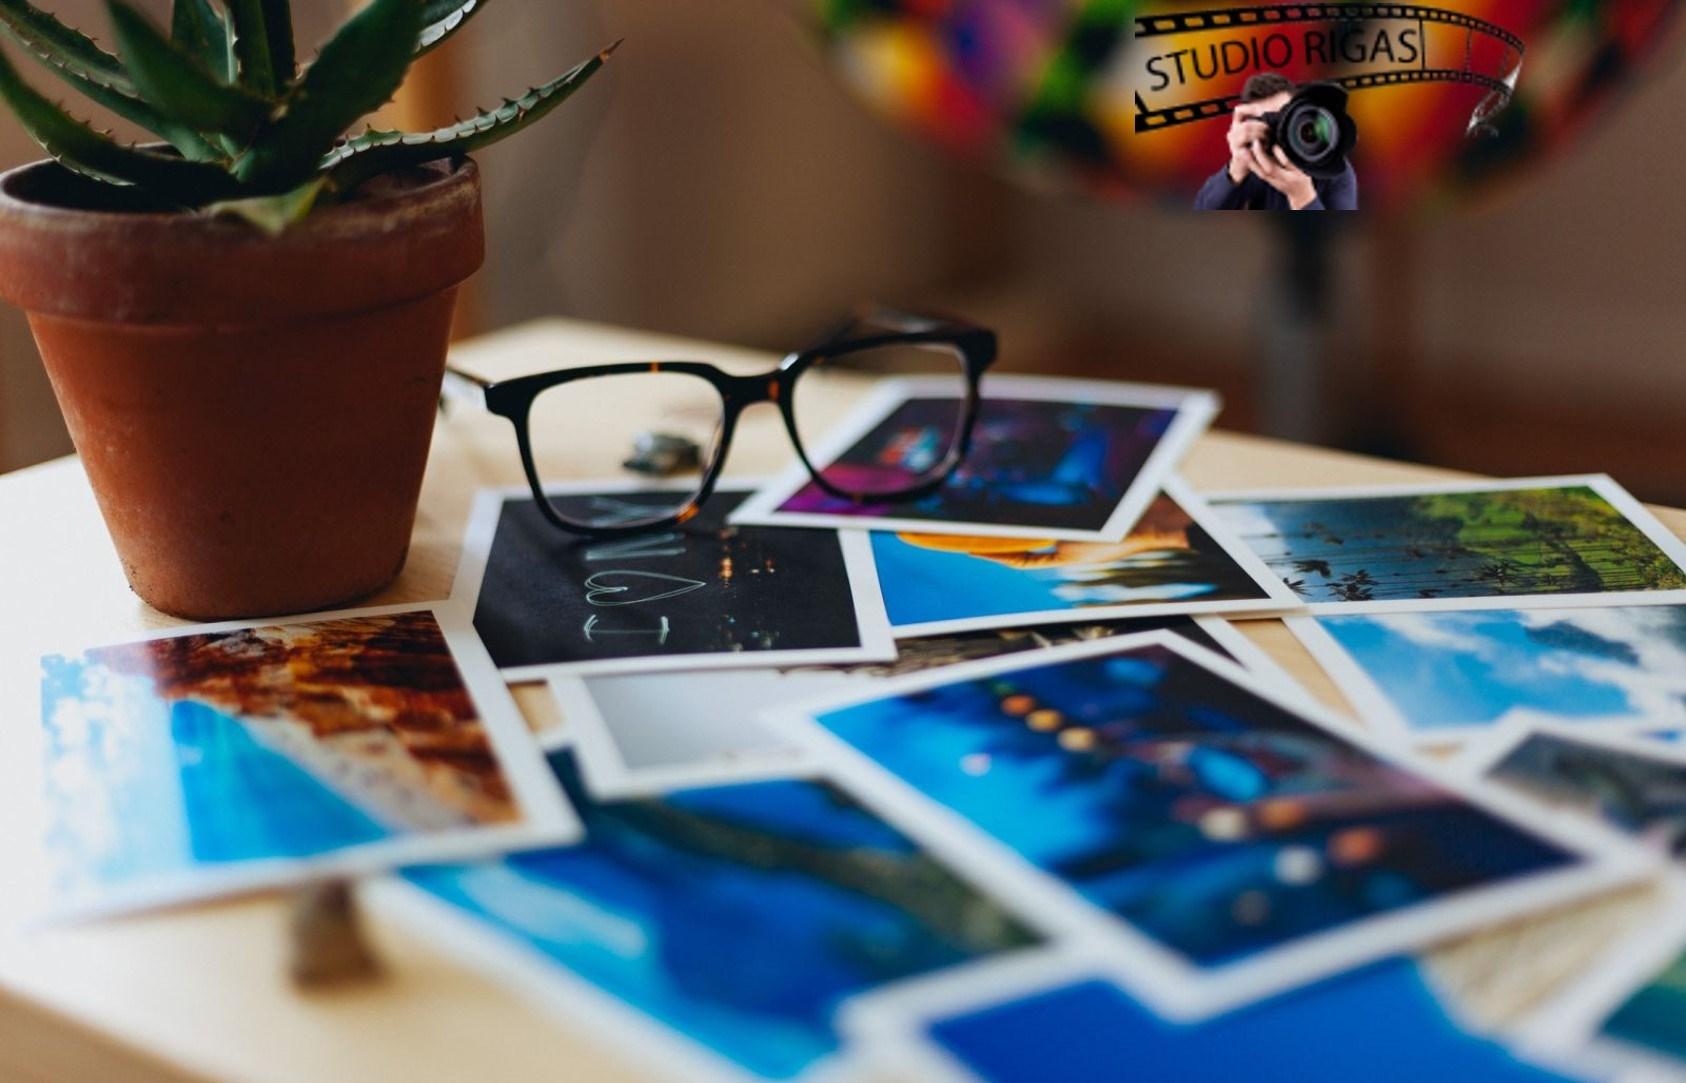 Από 7,9€ για εκτύπωση 50-100-200-400 φωτογραφιών σε διαστάσεις 10x15 & Μεγεθύνσεις Δώρο, στο ''Studio Rigas'' στην Πεύκη